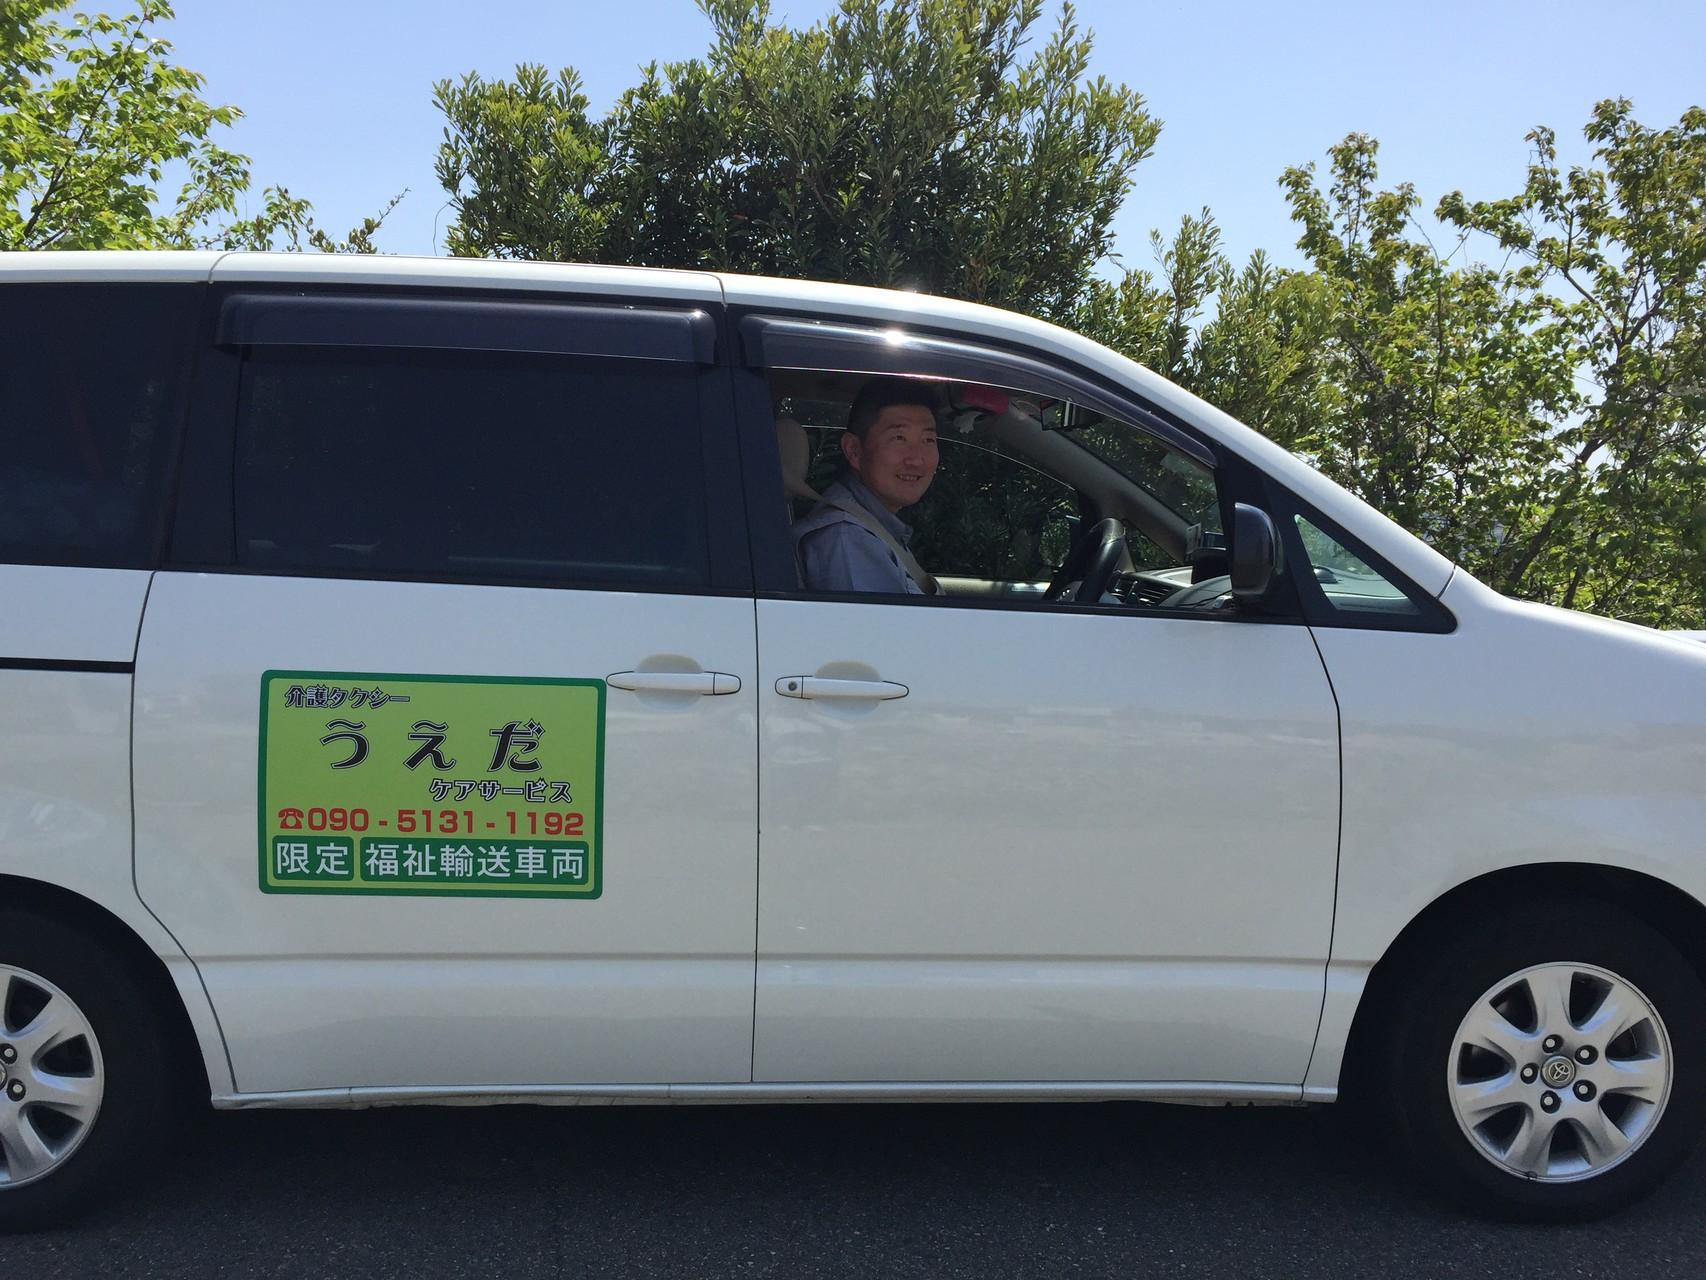 神戸市介護タクシーうえだケアサービス車 神戸市北区介護タクシーうえだケアサービス車